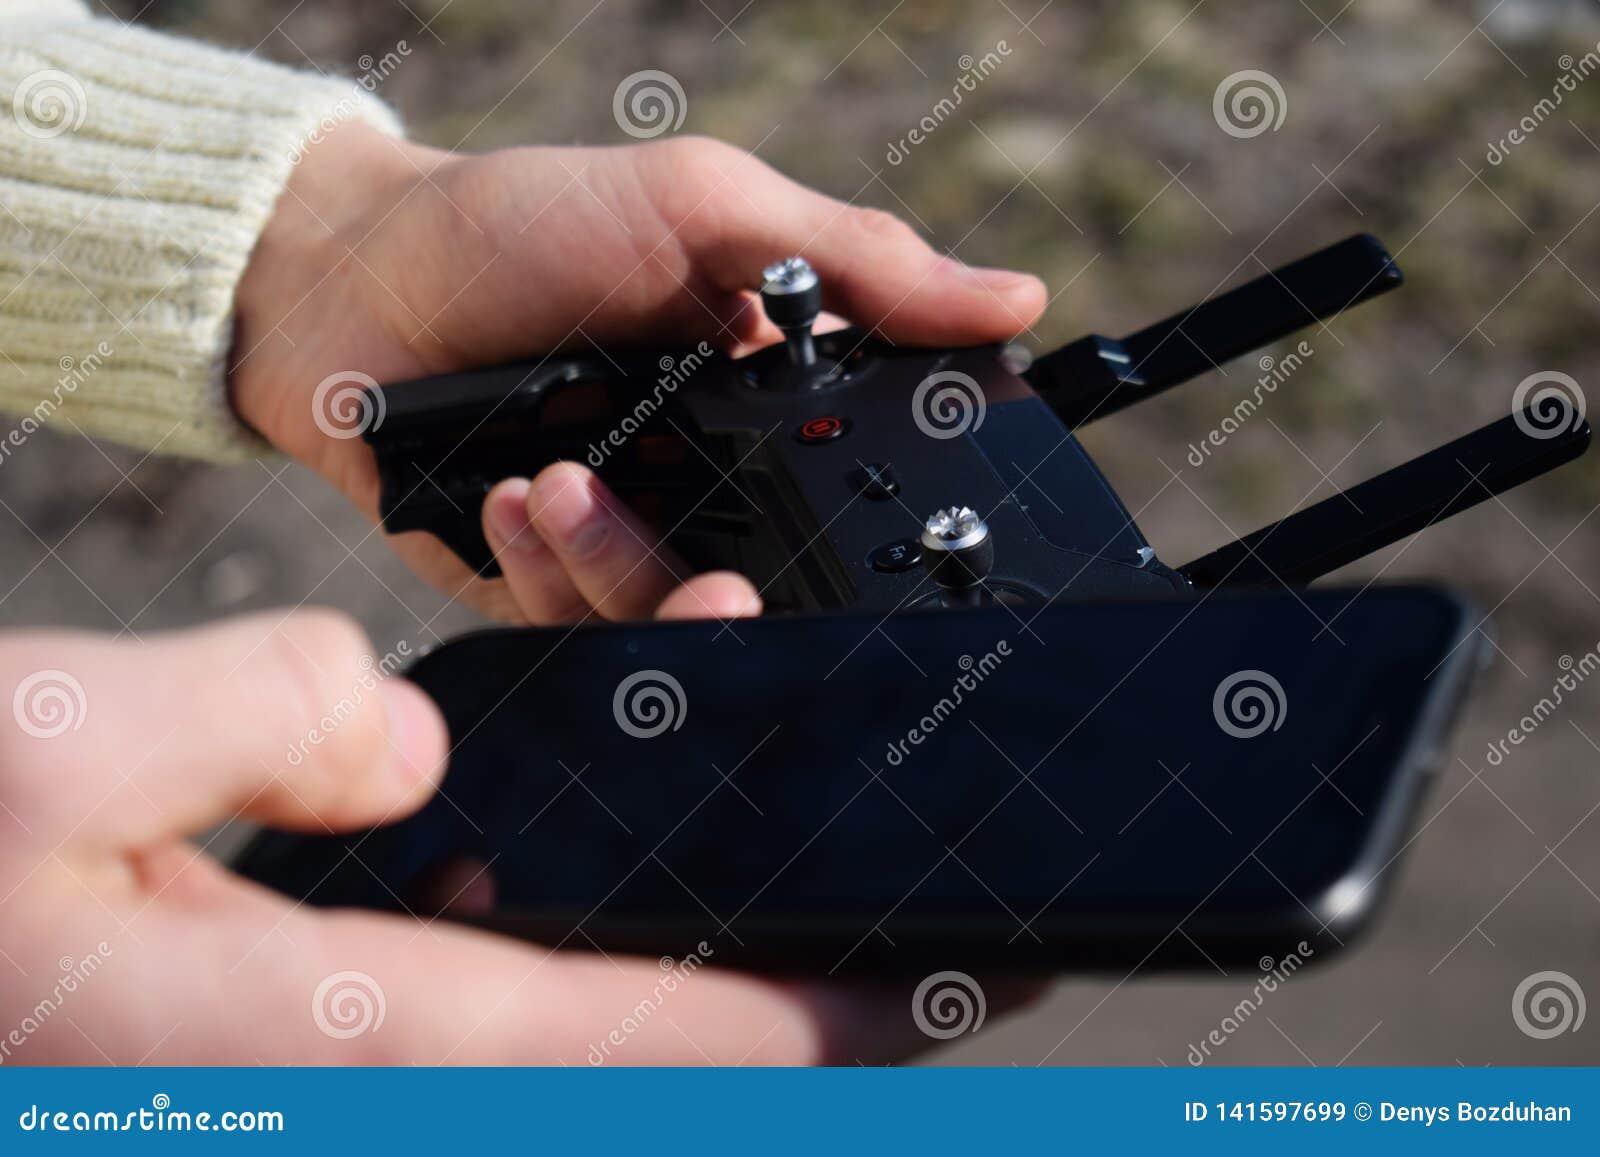 Дистанционное управление и смартфон в мужских руках Человек держа передатчик и пилотируя некоторые корабли Трутень, радио контрол